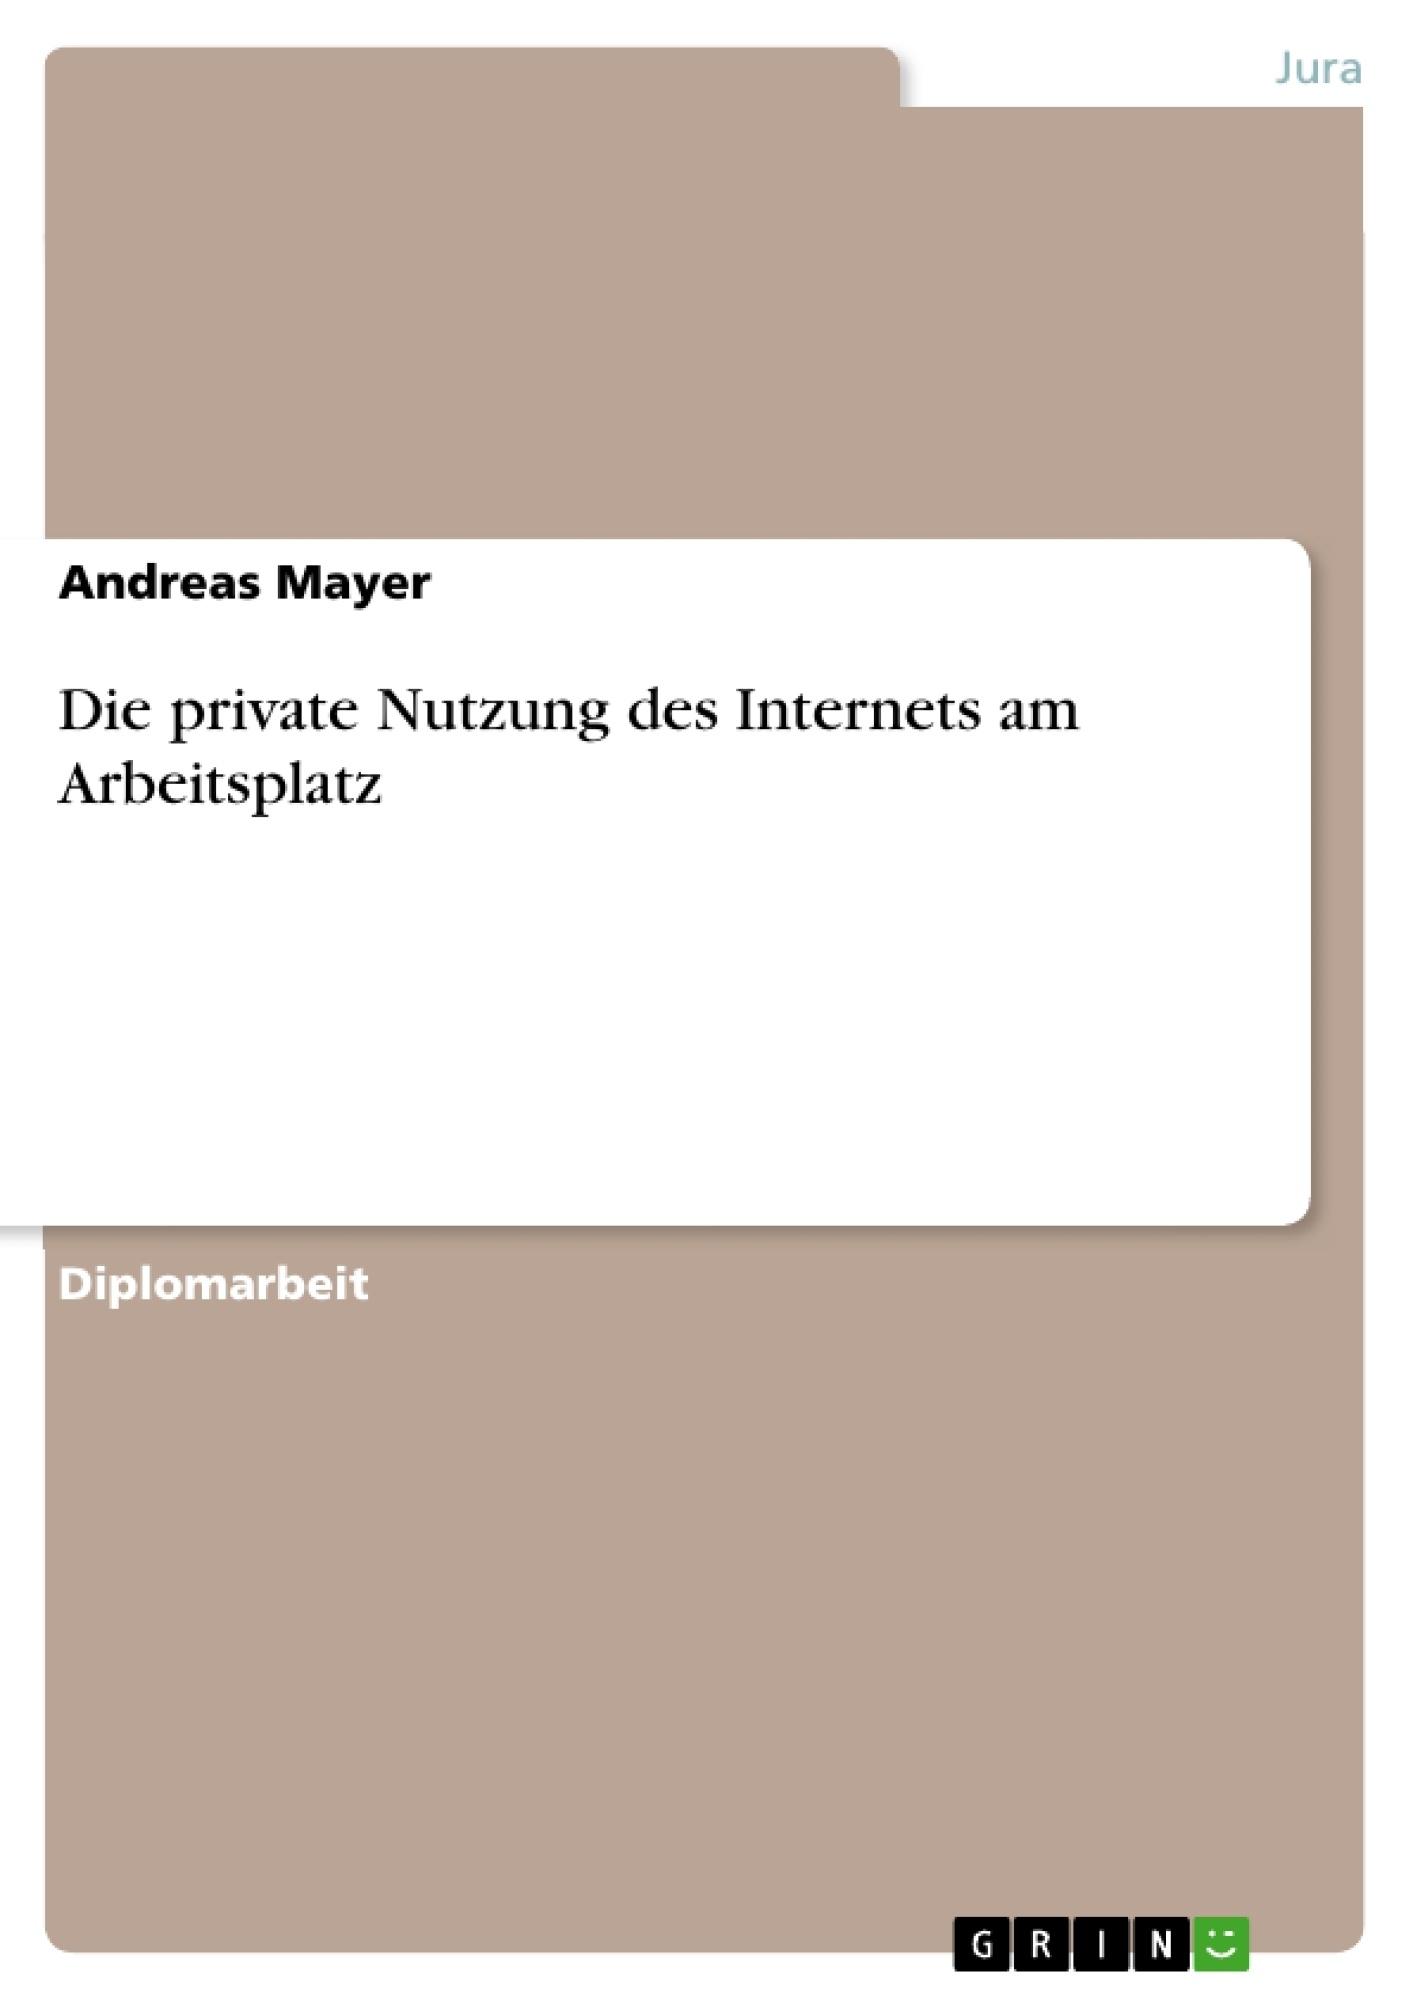 Titel: Die private Nutzung des Internets am Arbeitsplatz